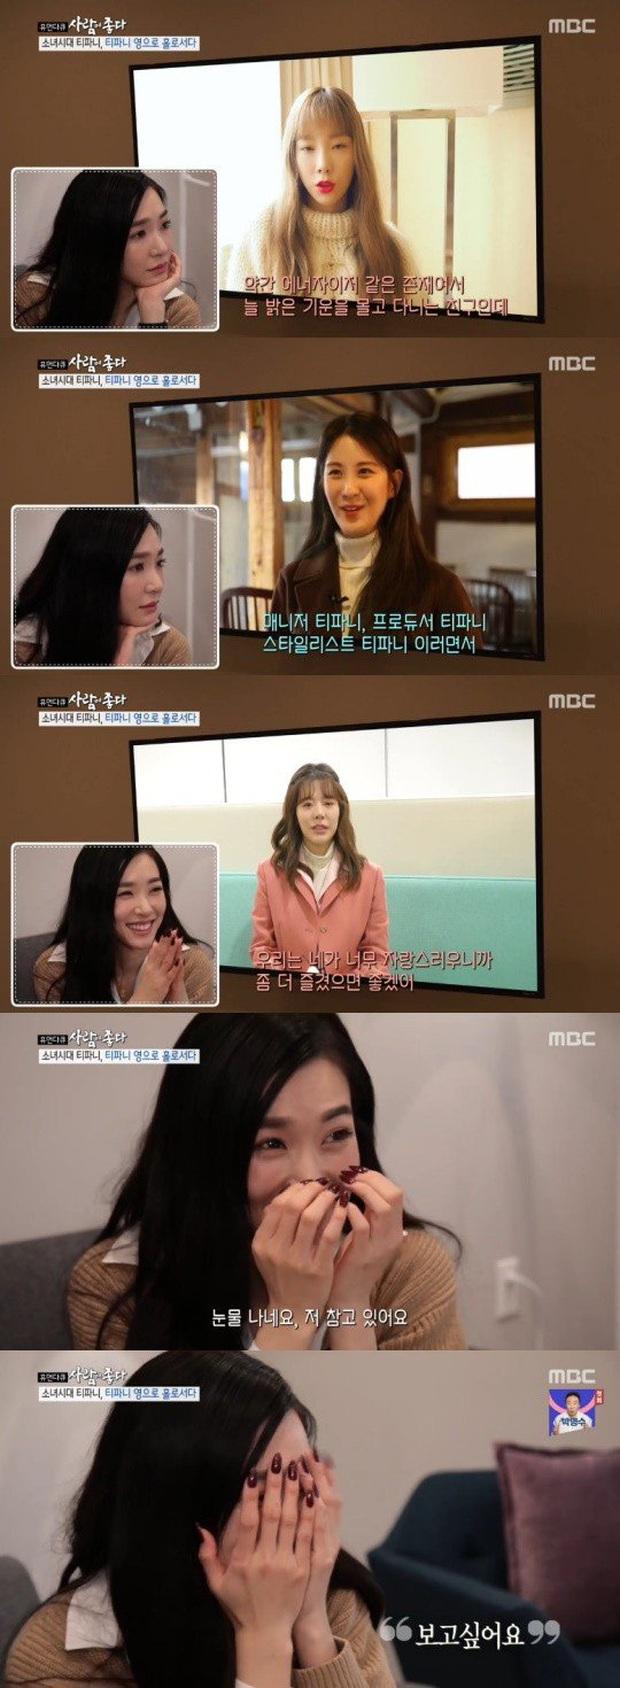 Tiffany bật khóc khi bất ngờ nhận được lời cổ vũ, động viên từ 3 thành viên SNSD - Ảnh 1.